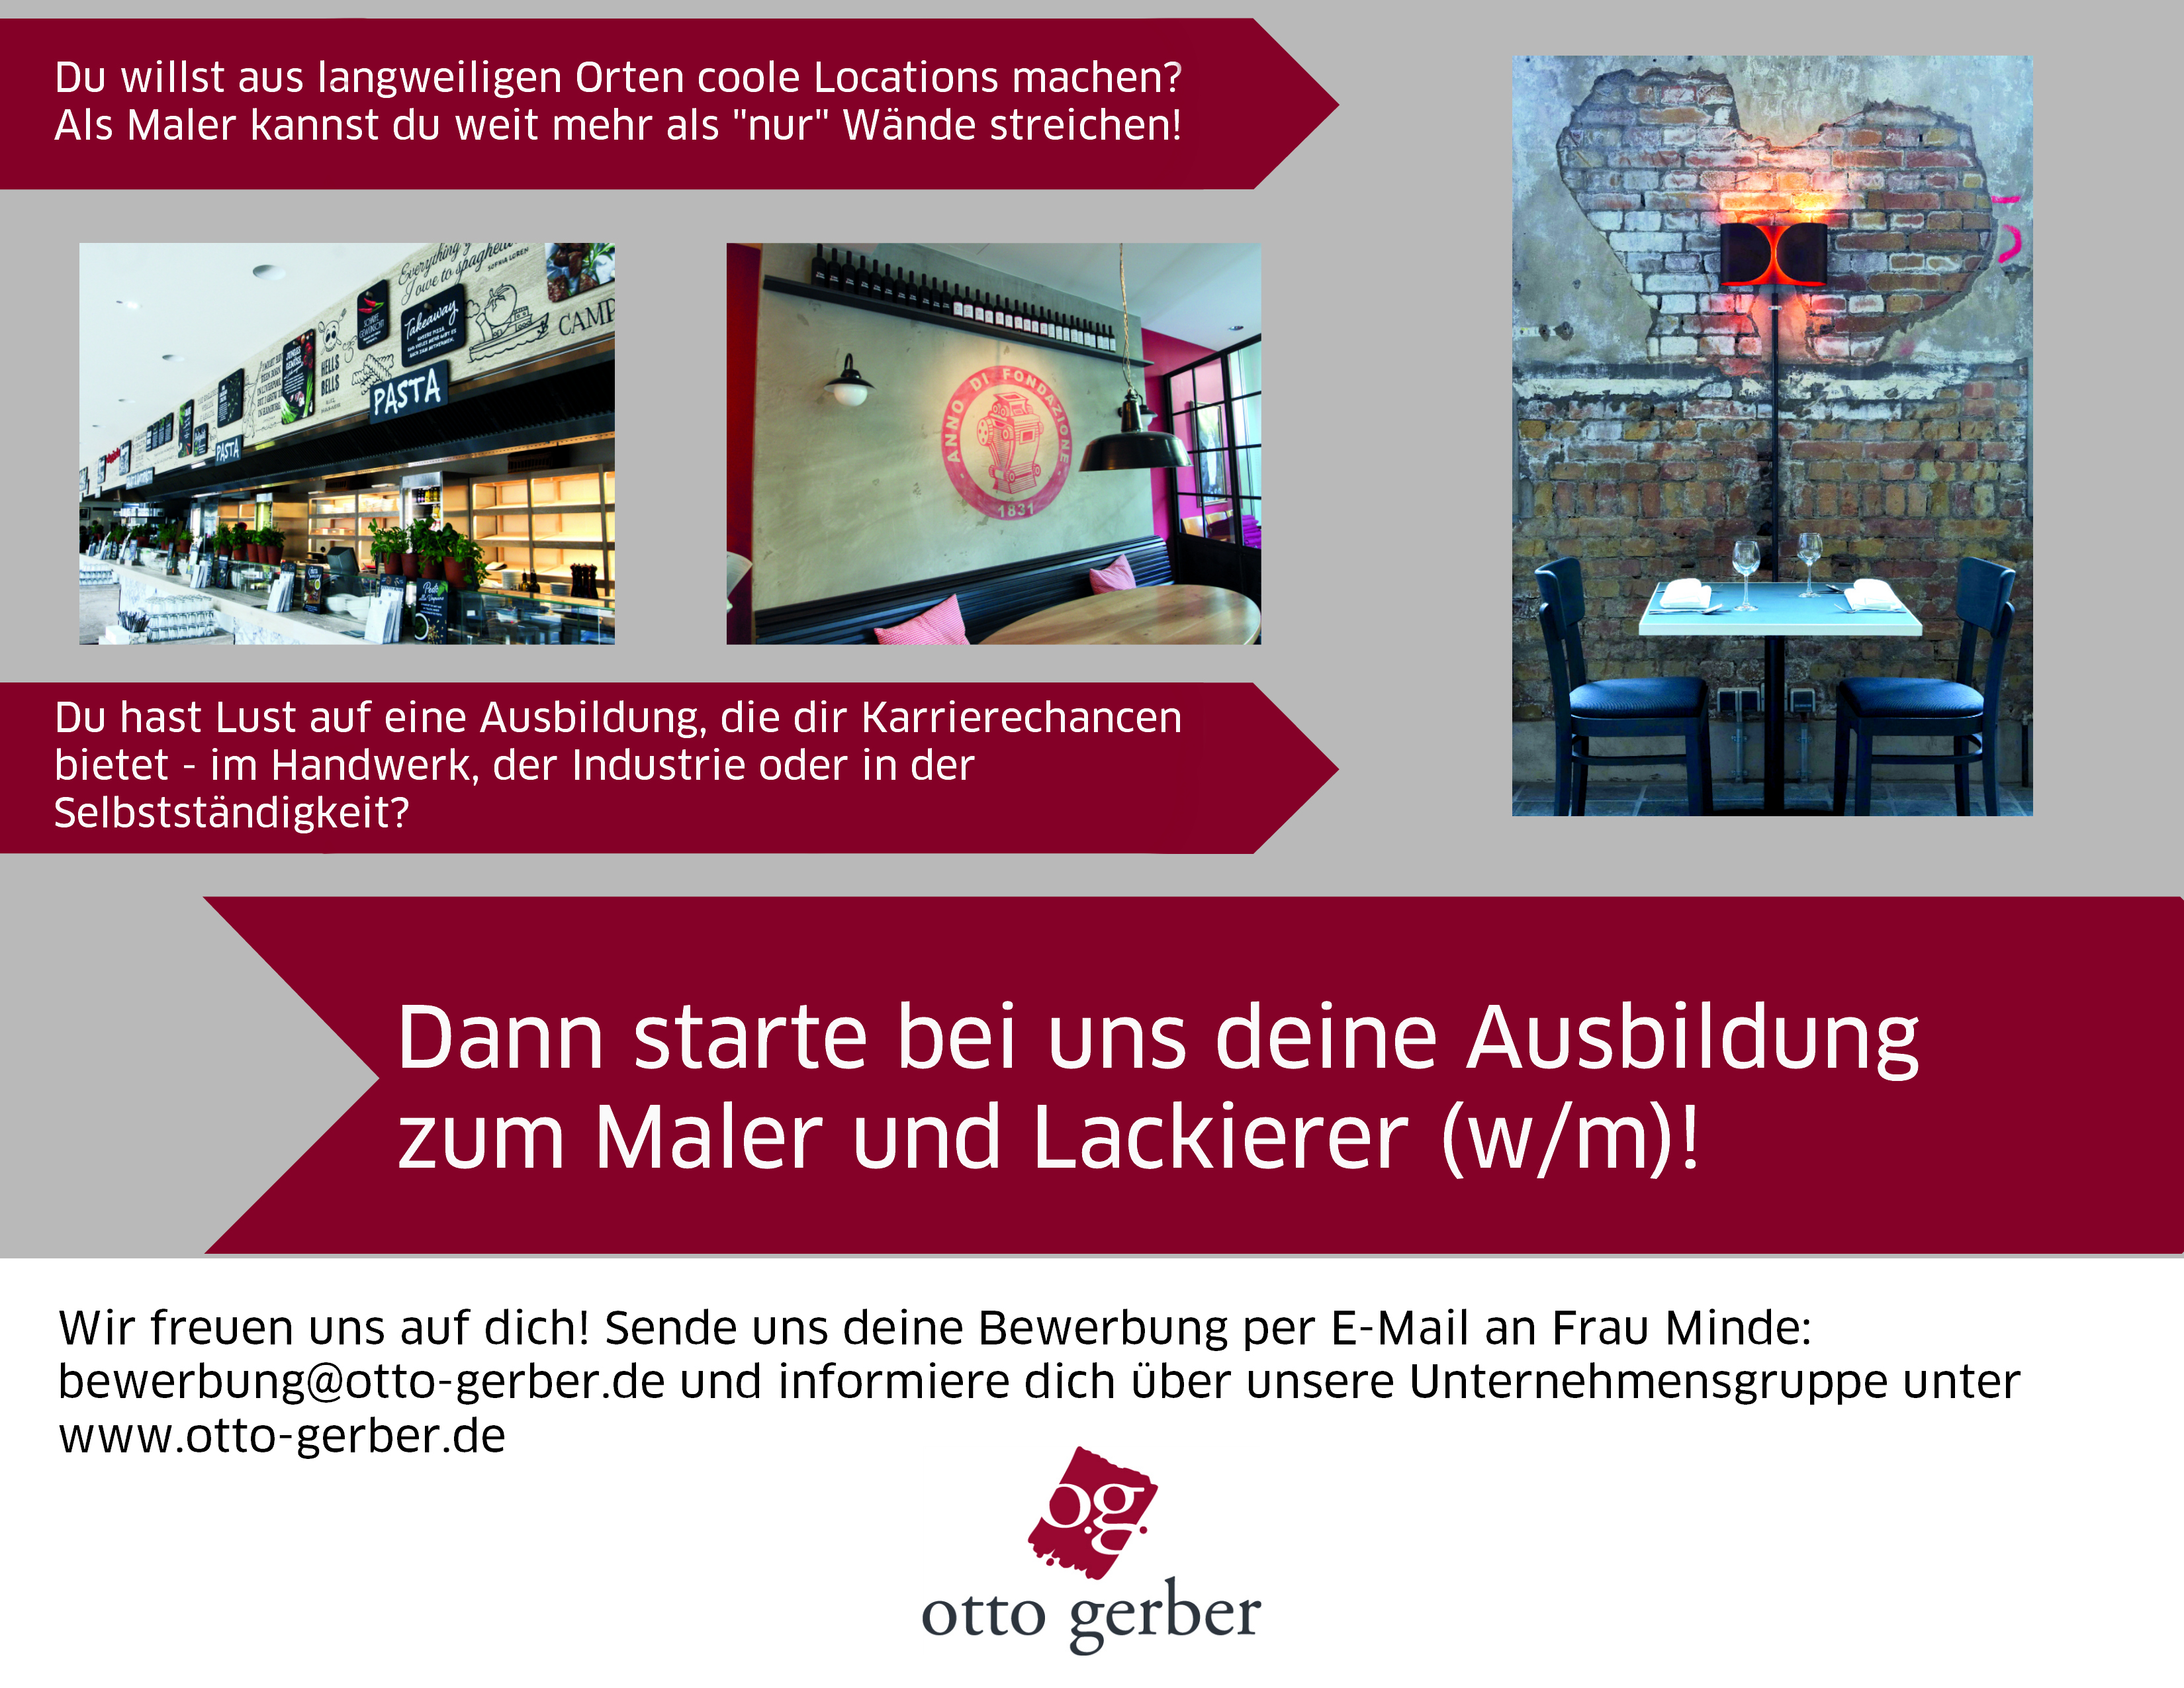 Bitte sende deine Bewerbung per E-Mail an bewerbung@otto-gerber.de oder auf  dem Postweg an: Malereibetrieb Otto Gerber GmbH. Frau Sver Minde Ruwoldtweg  1